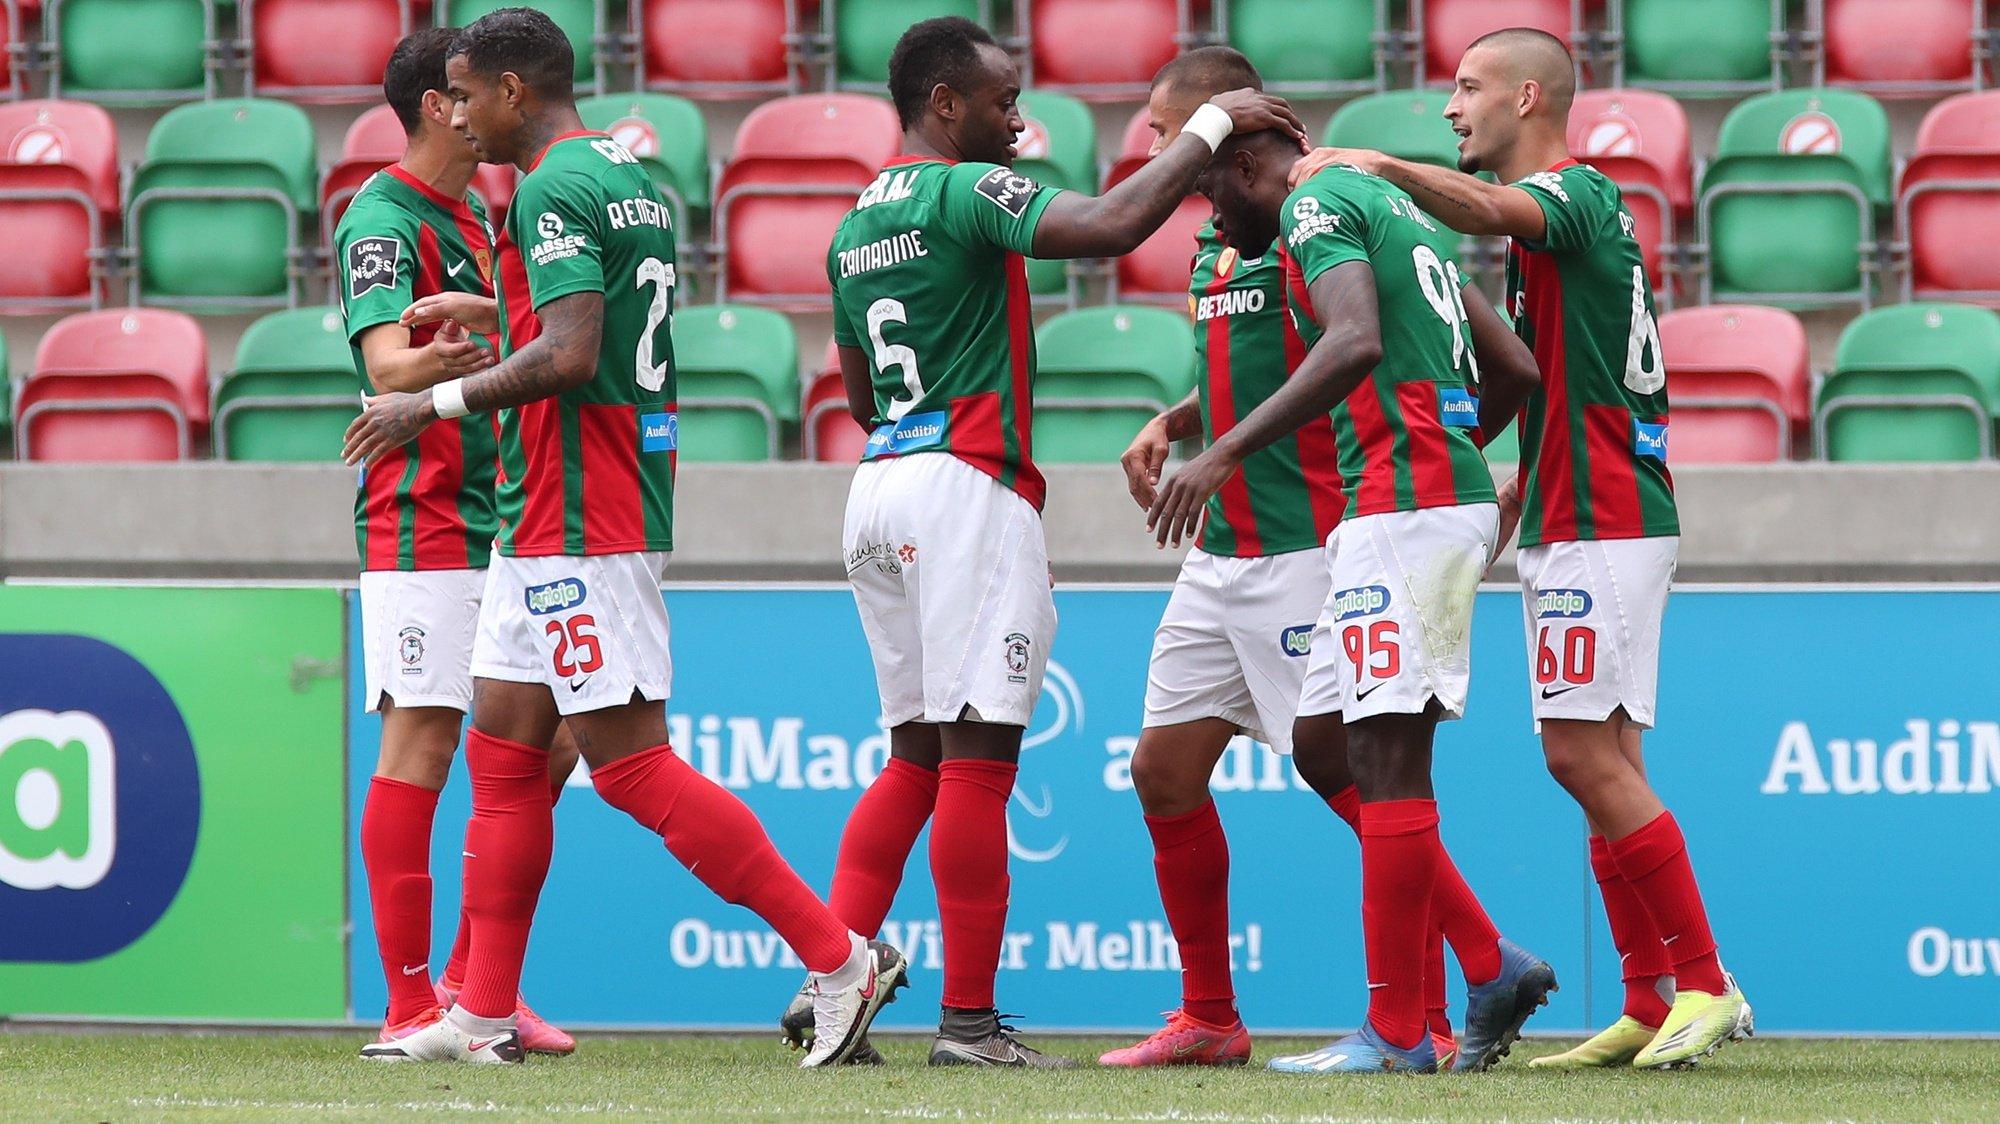 O jogador do Marítimo, Joel Tagueu, festeja o golo marcado frente ao Rio Ave, durante o jogo da Primeira Liga de Futebol realizado no Estádio do Marítimo, no Funchal, 21 de abril de 2021. HOMEM DE GOUVEIA/LUSA